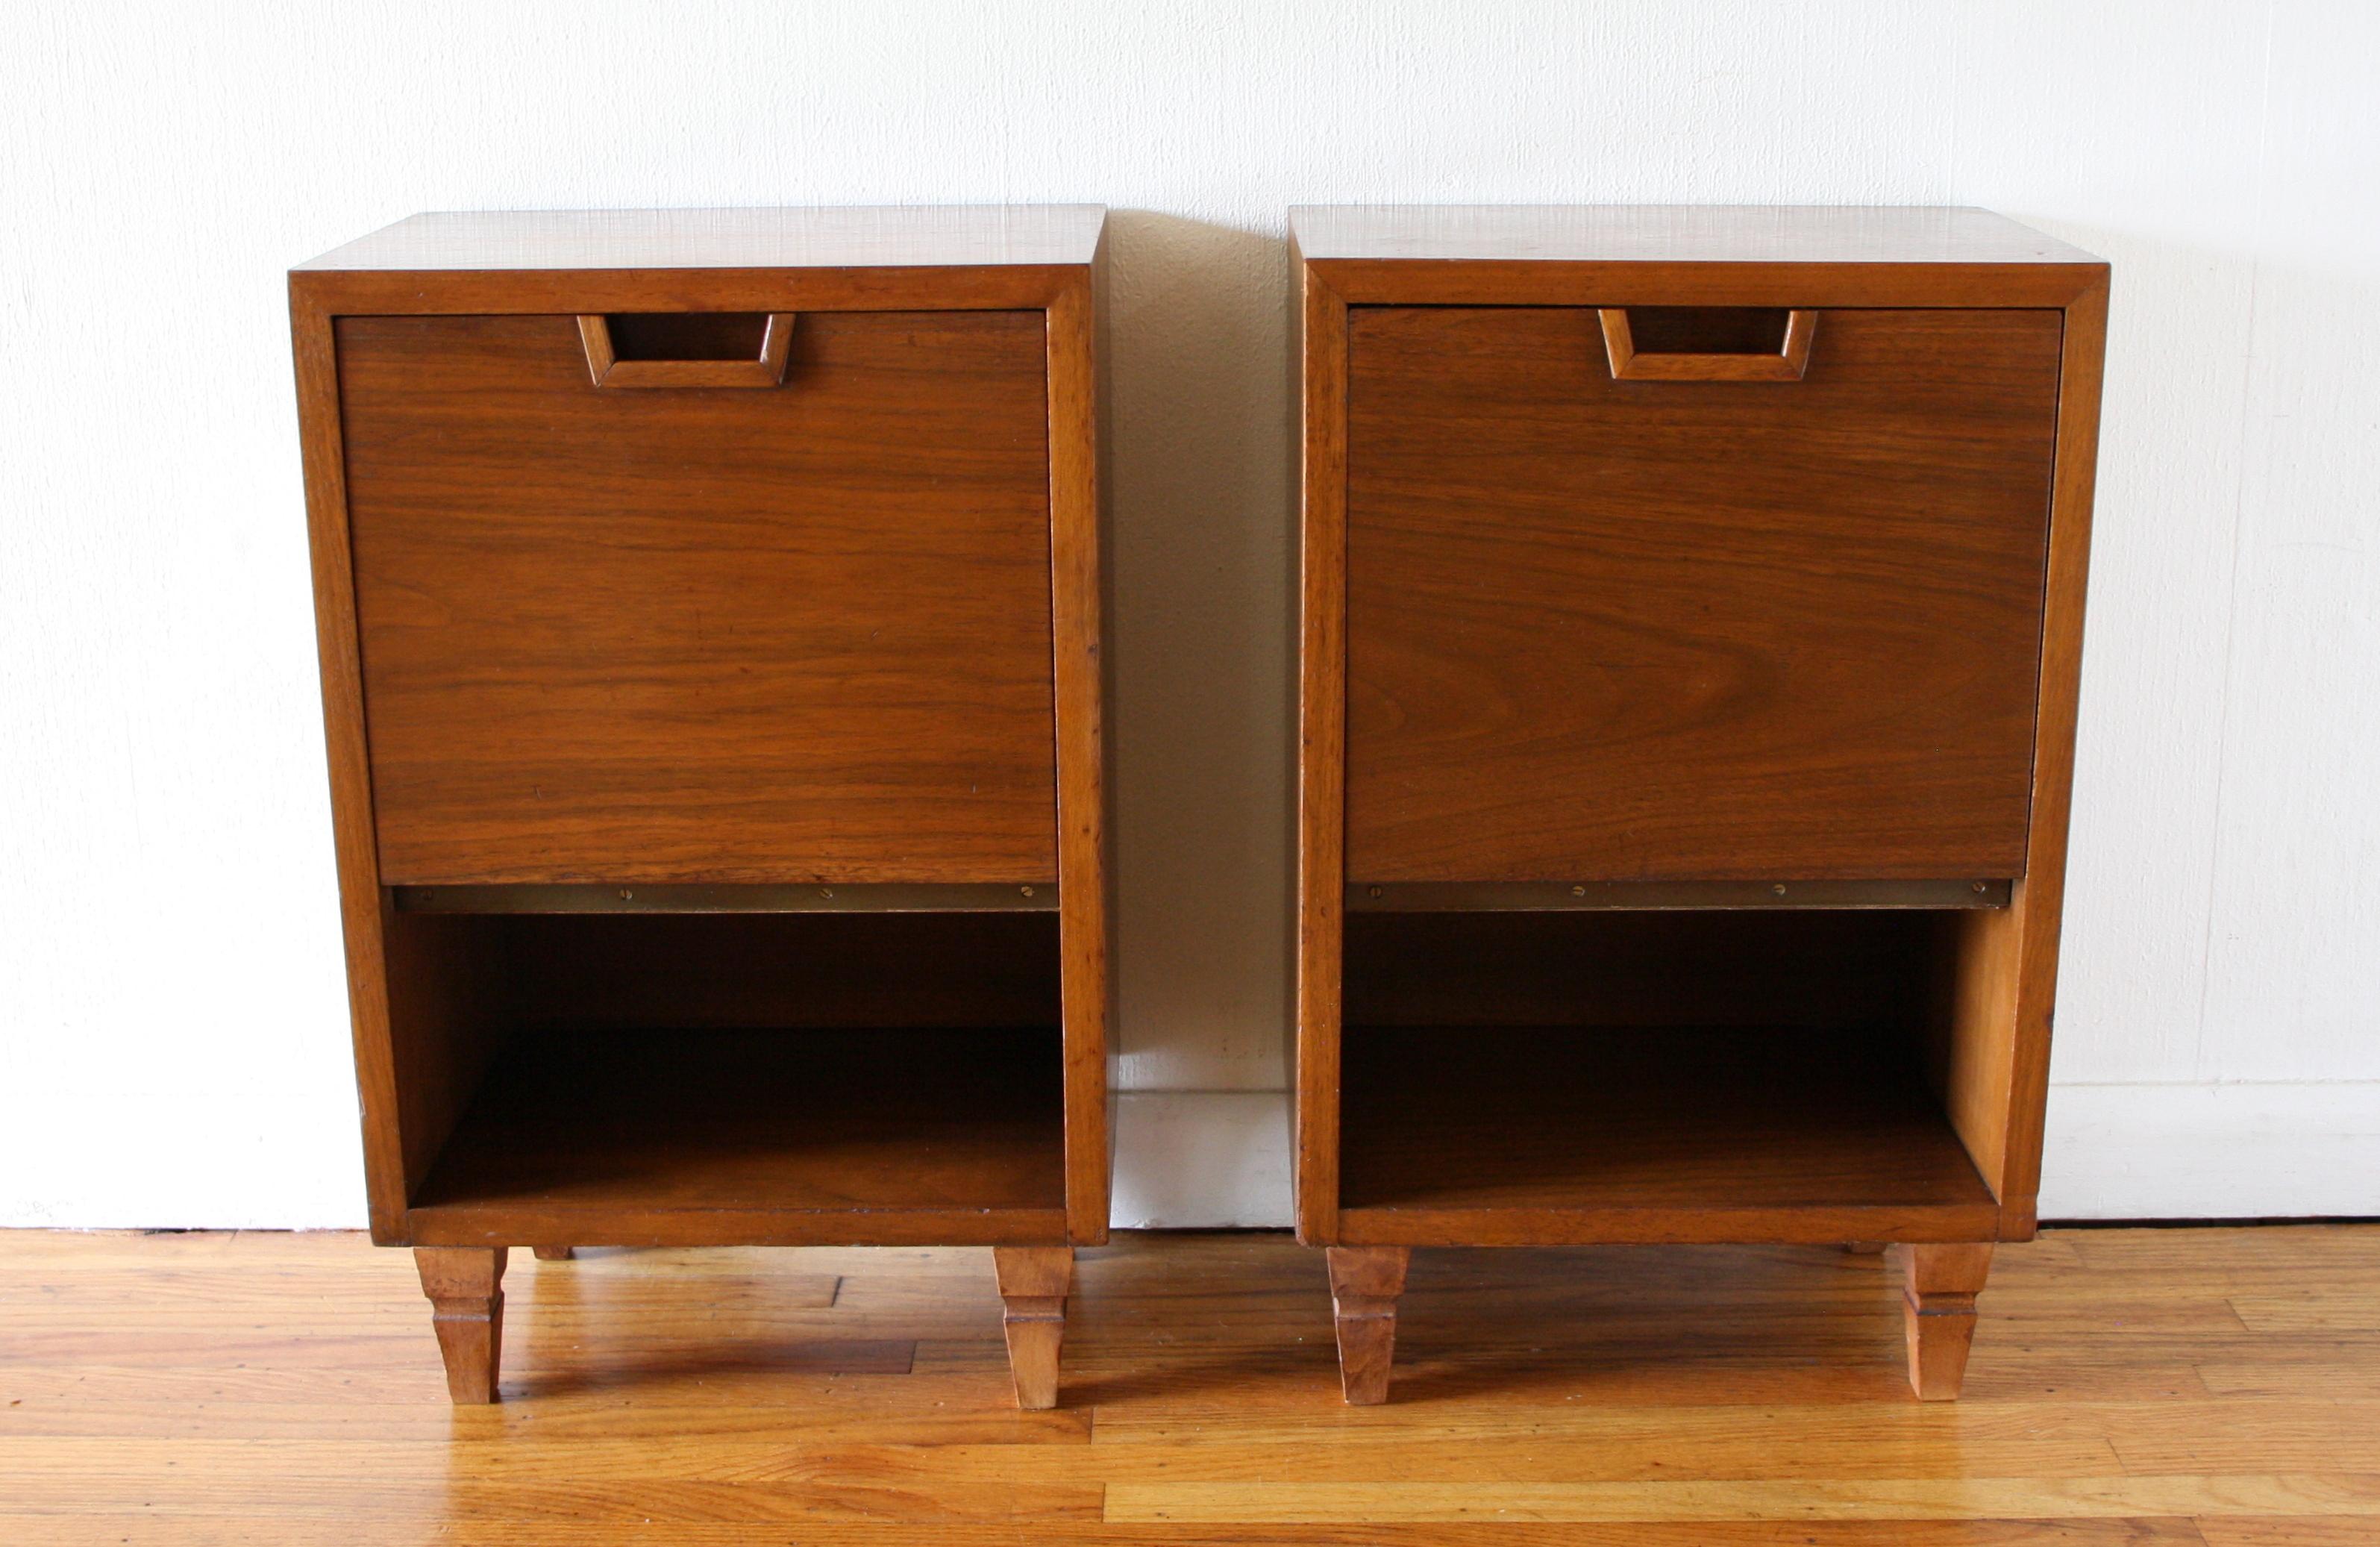 Mcm pair of side end table nightstands 1